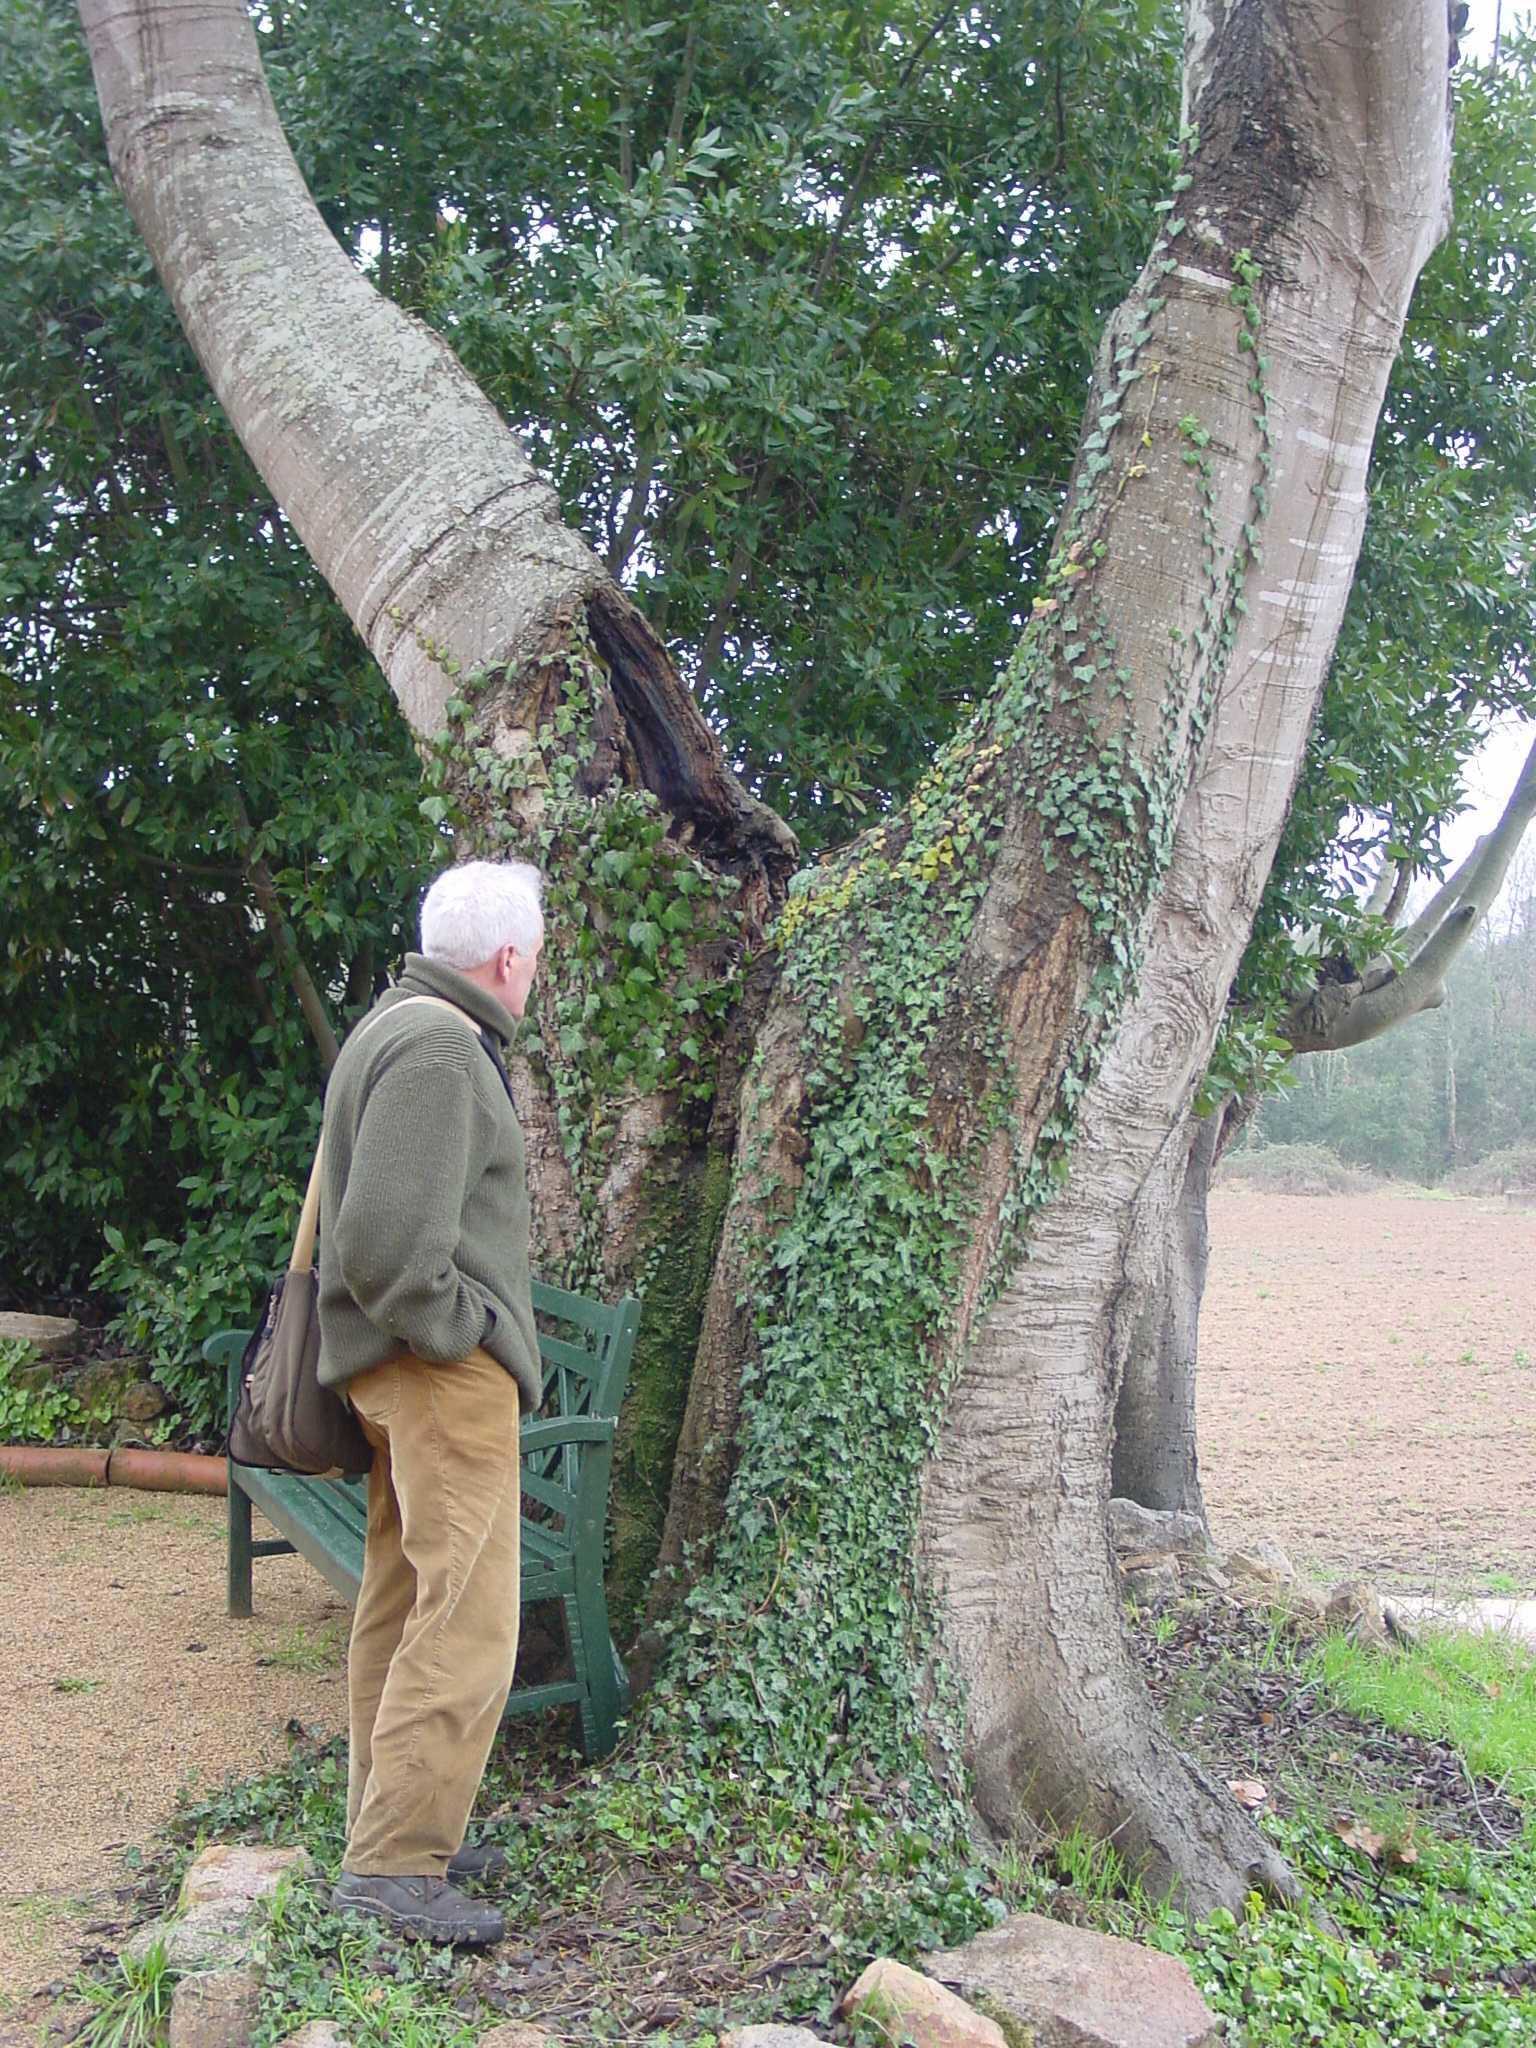 A la imatge es veu el lledoner monumental situat a la porta principal de can Mercader, al veïnat de Verneda de Cassà de la Selva. El diàmetre del tronc mesura 3'96 metres i el diàmetre de la copa 17'40 metres, segons les dades del Catàleg d'arbres d'interès local de Cassà de la Selva.